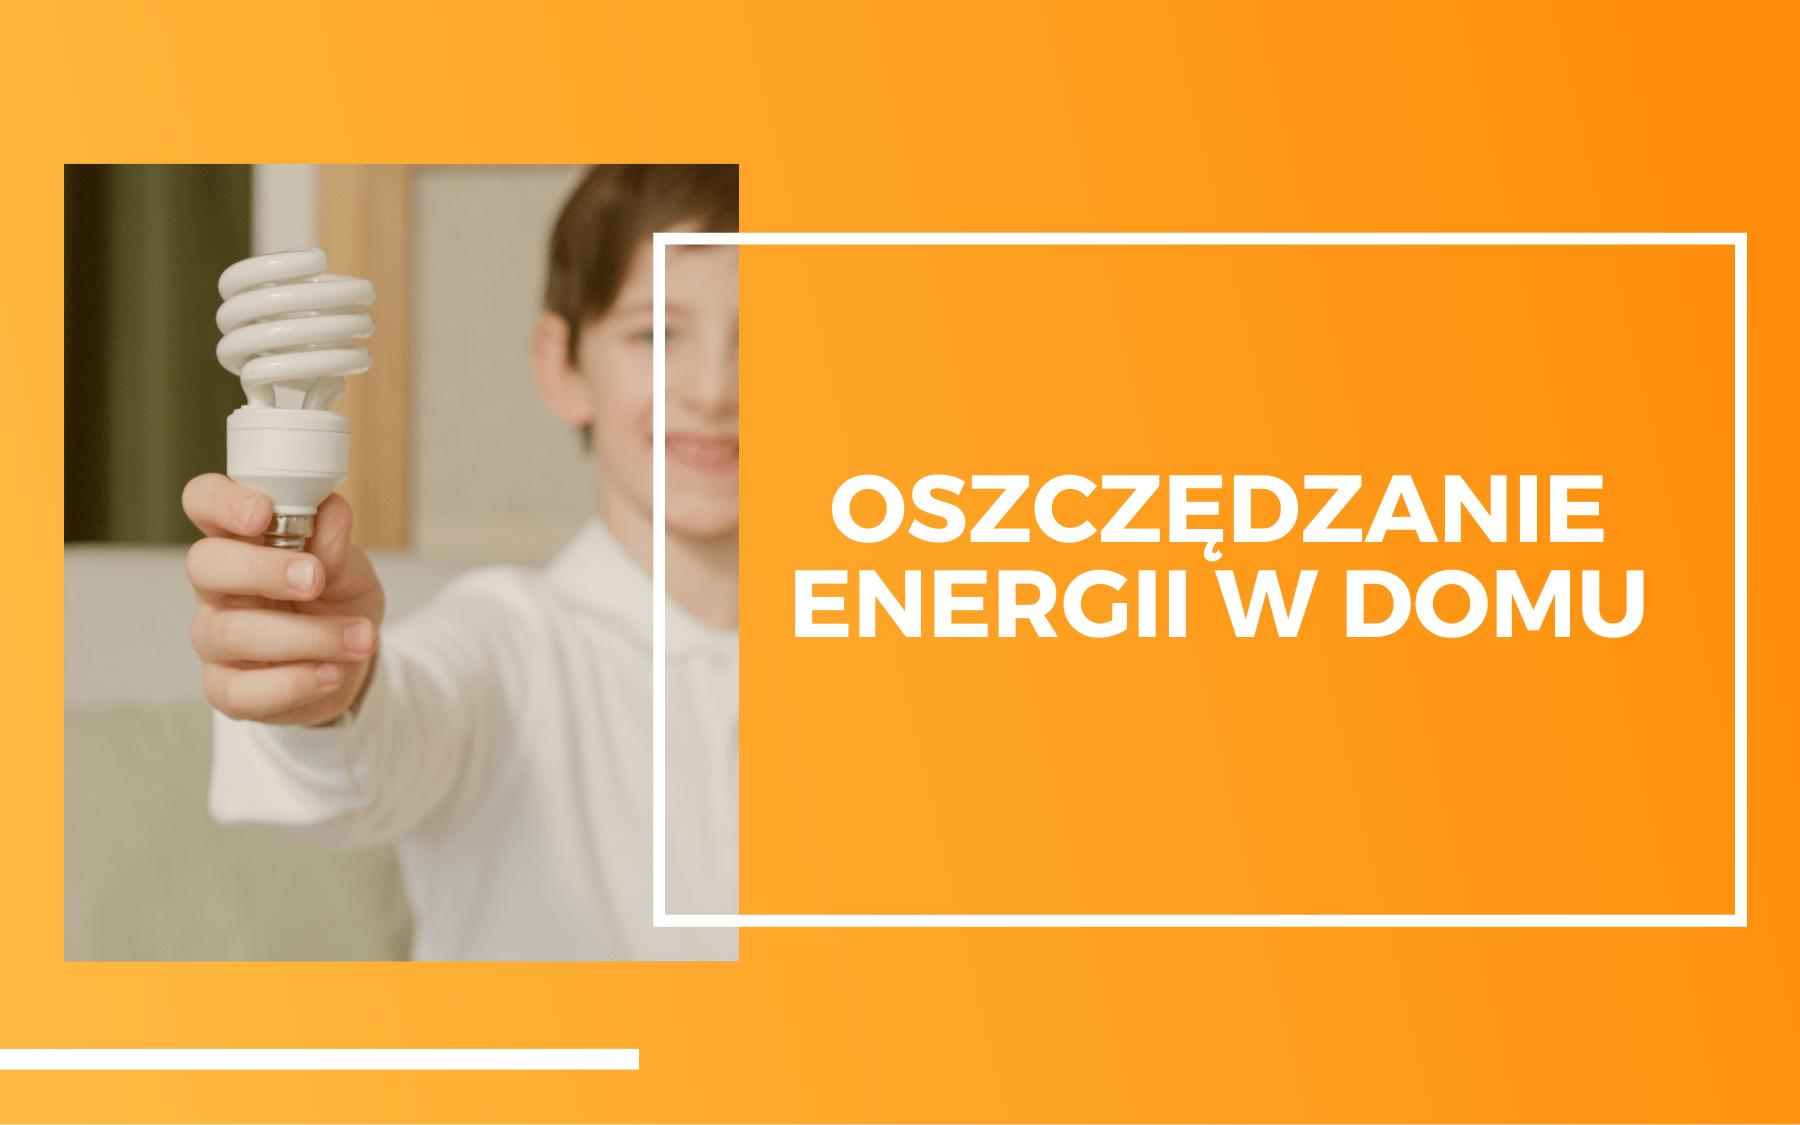 Po lewej na zdjęciu osoba trzymająca żarówkę energooszczedną. Po prawej na pomarańczowym tle biały napis Oszczędzanie energii w domu.